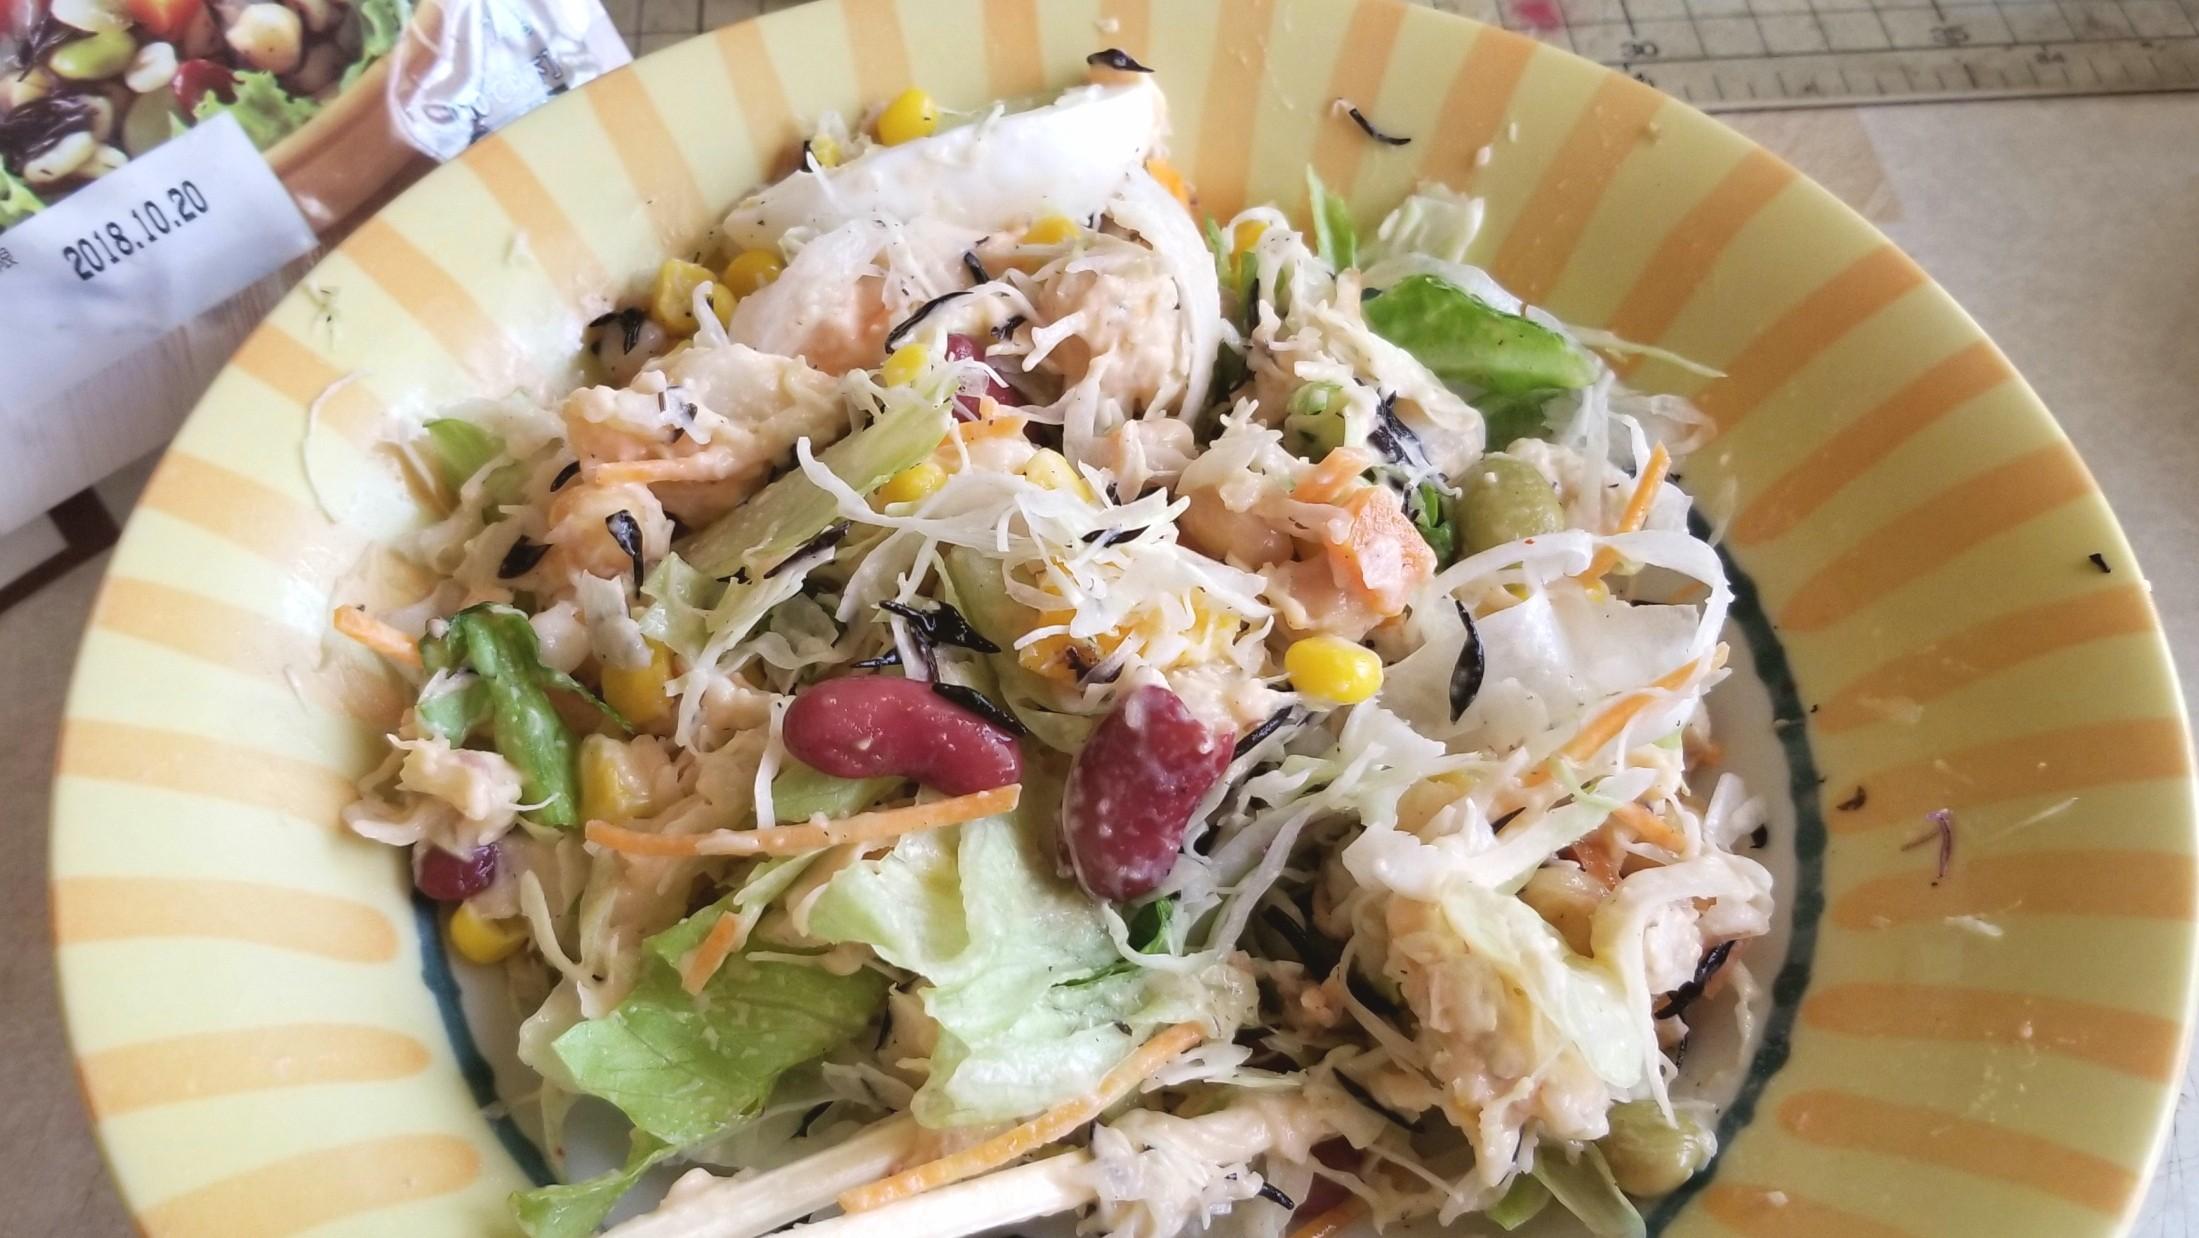 たっぷりの野菜サラダを摂取する,炭水化物抜きダイエット